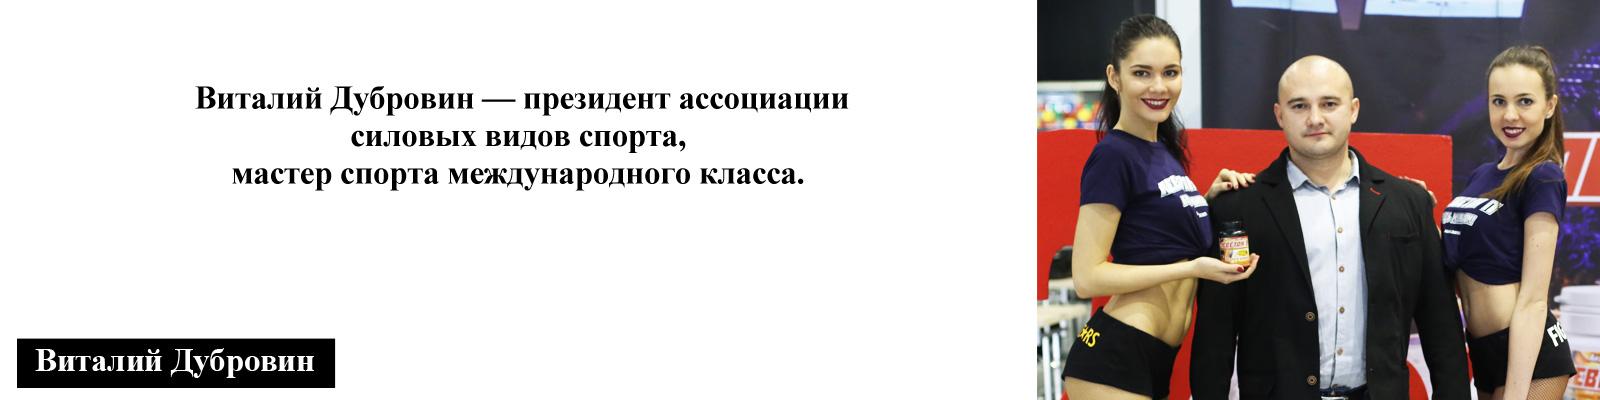 дубровин